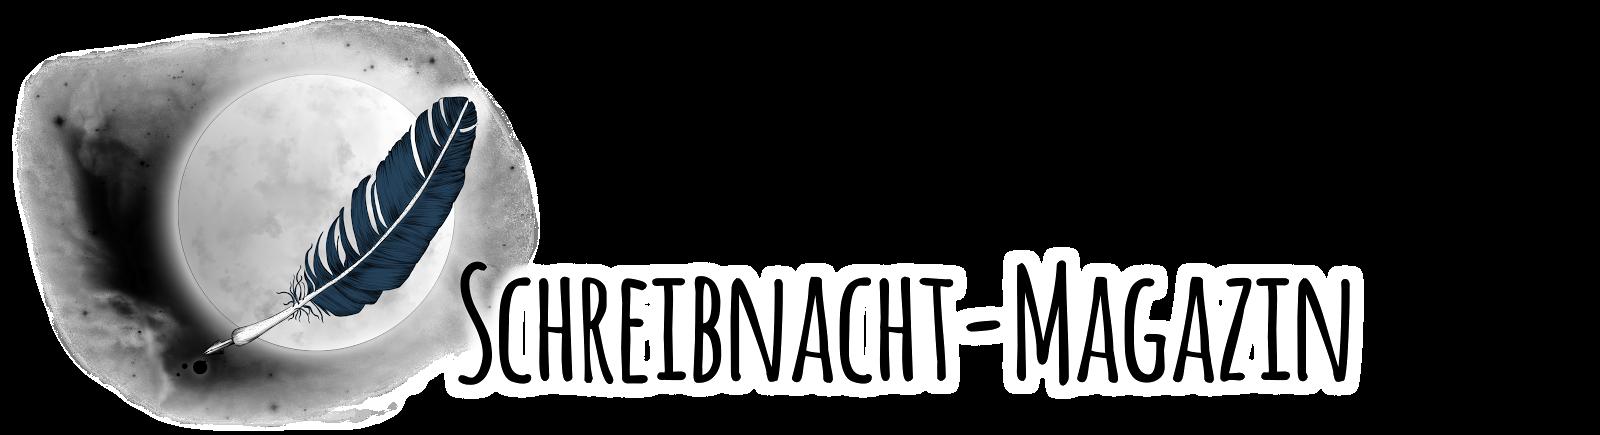 Schreibnacht-Magazin